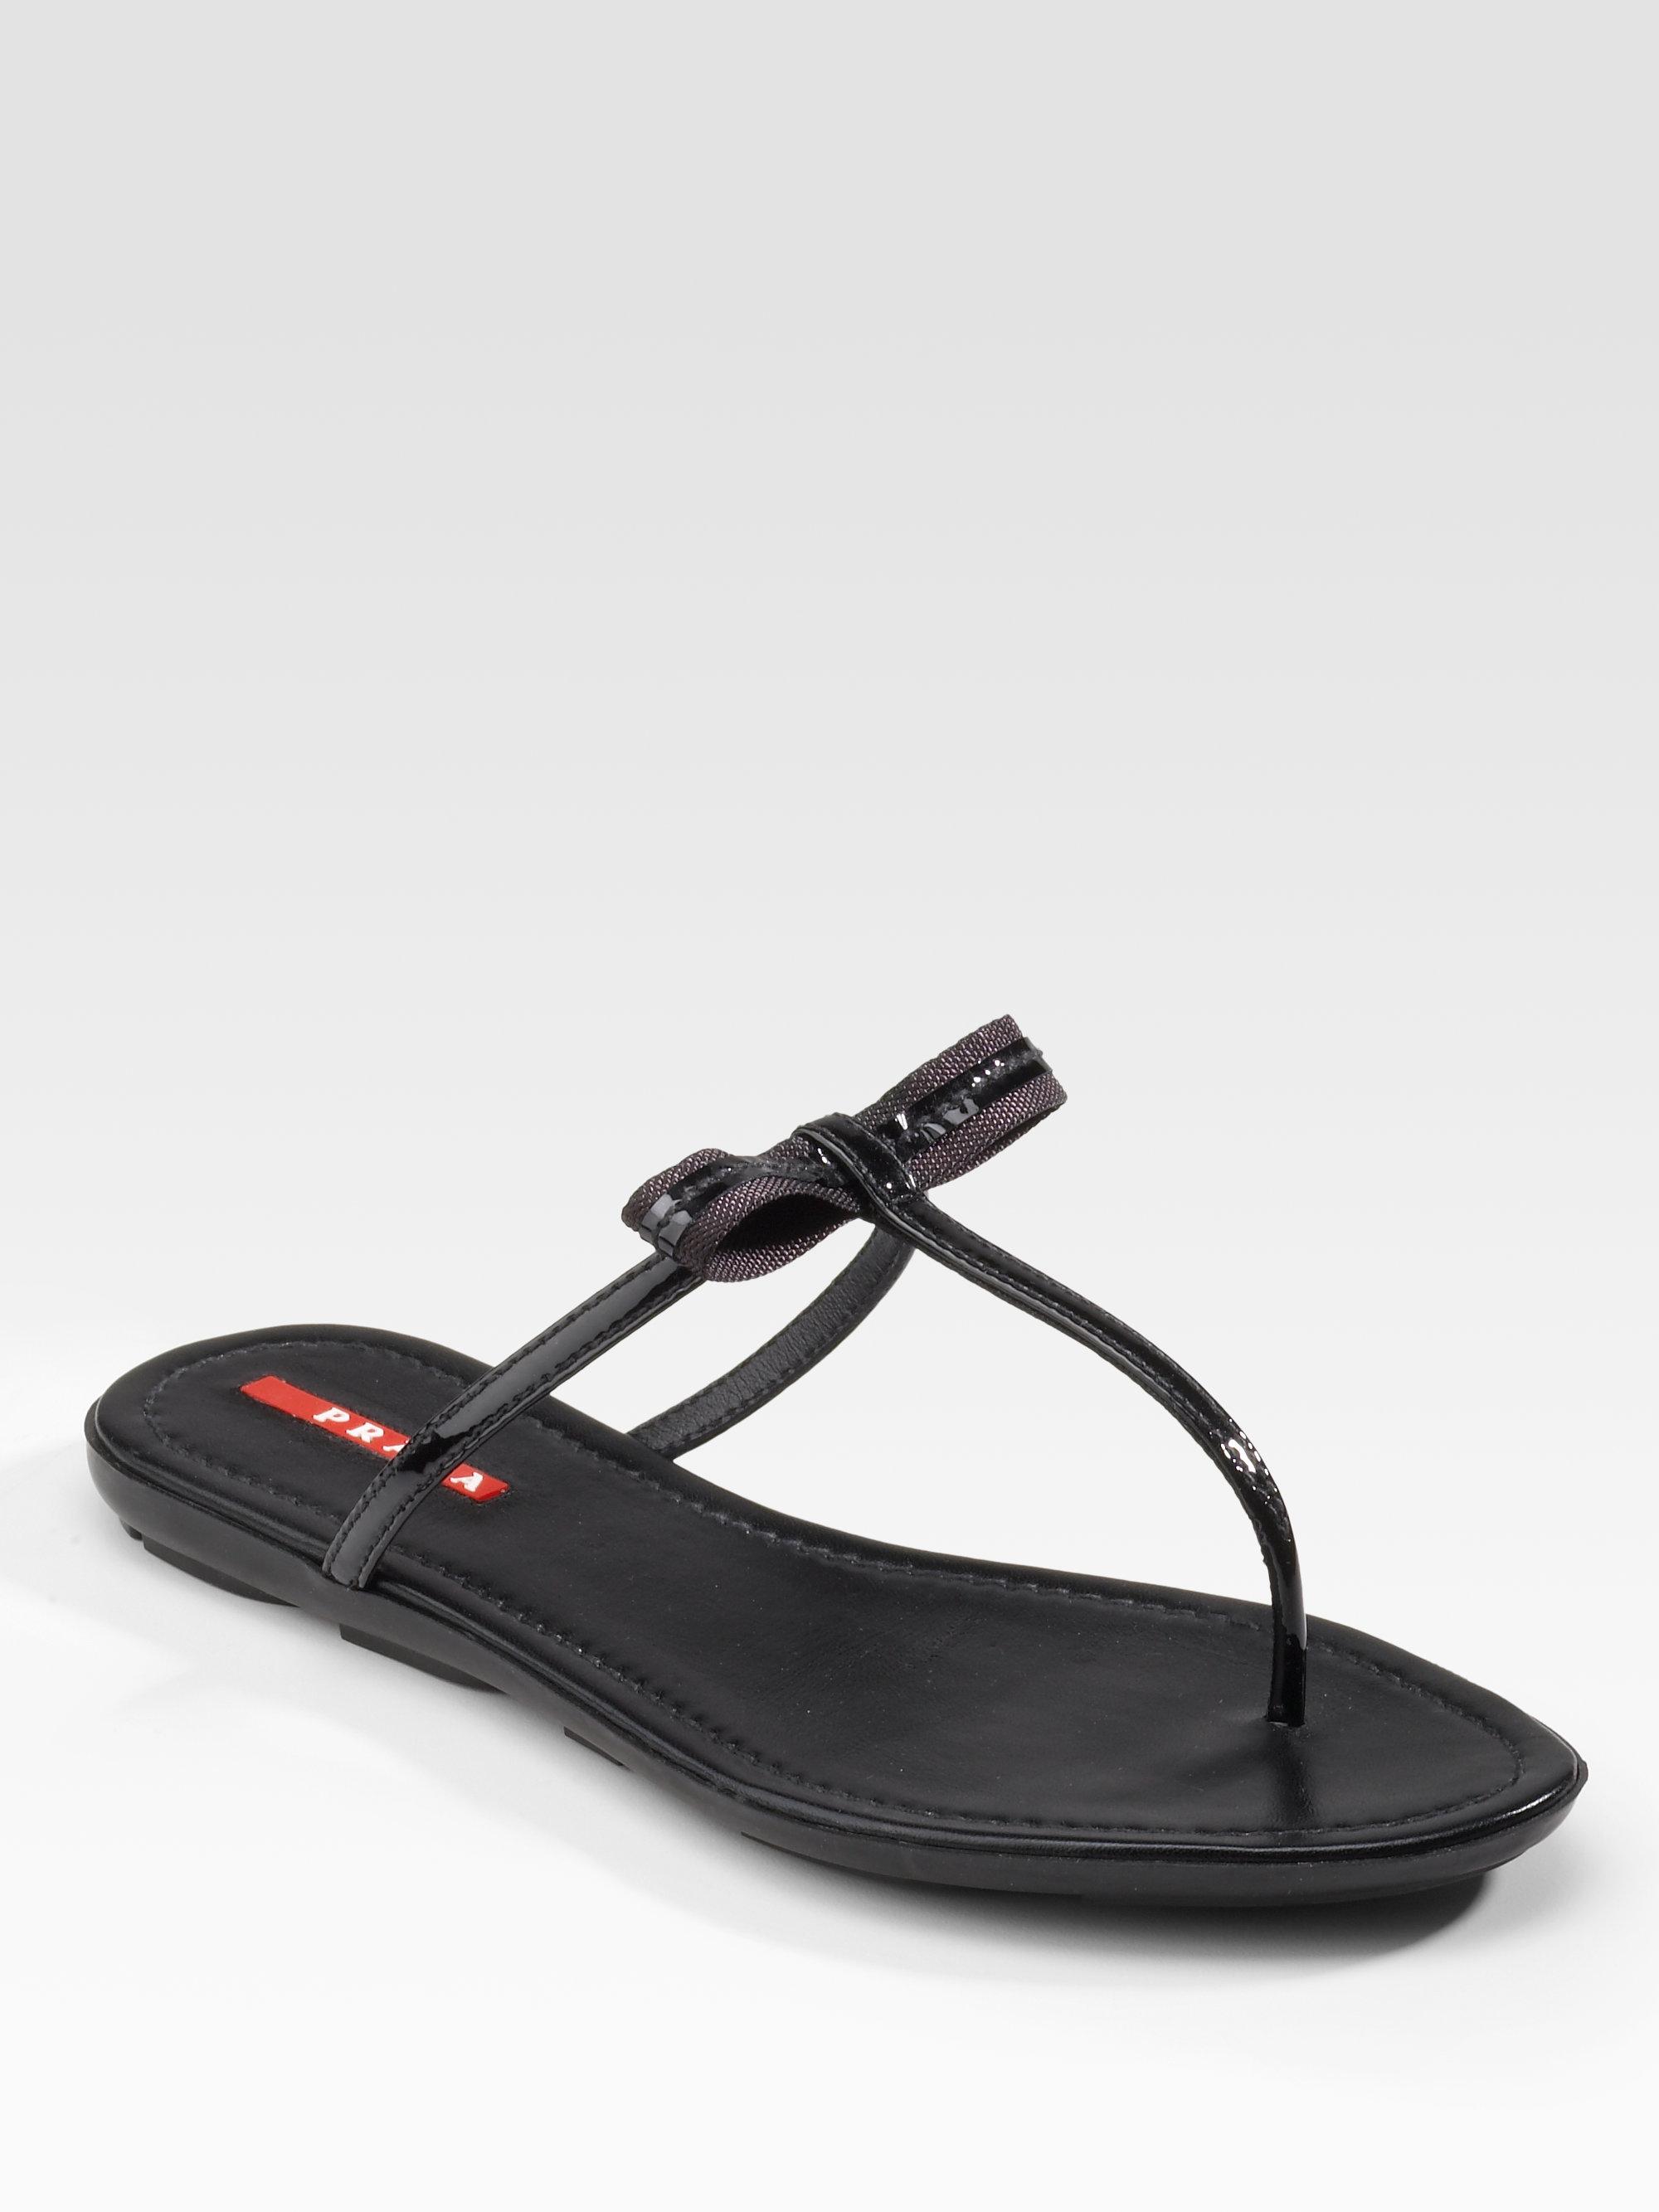 2e1e70f053b7b9 Lyst - Prada Patent Leather Flat Thong Sandals in Black